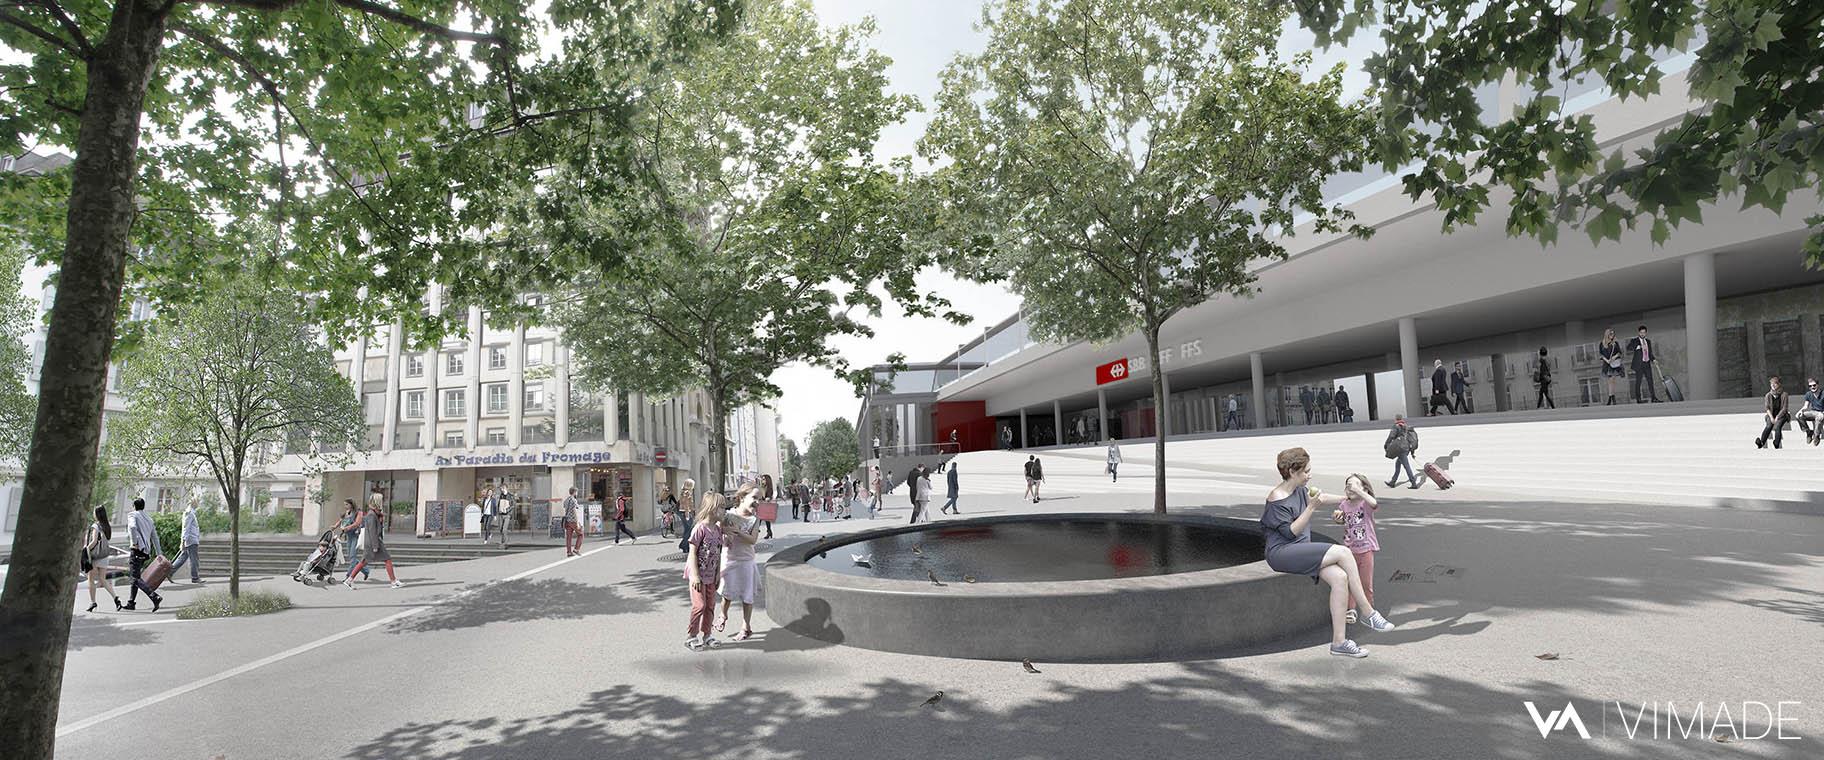 perspective-concours-sous-gare-lausanne-espace-public-place-saugettes-vimade-architectes-paysagistes